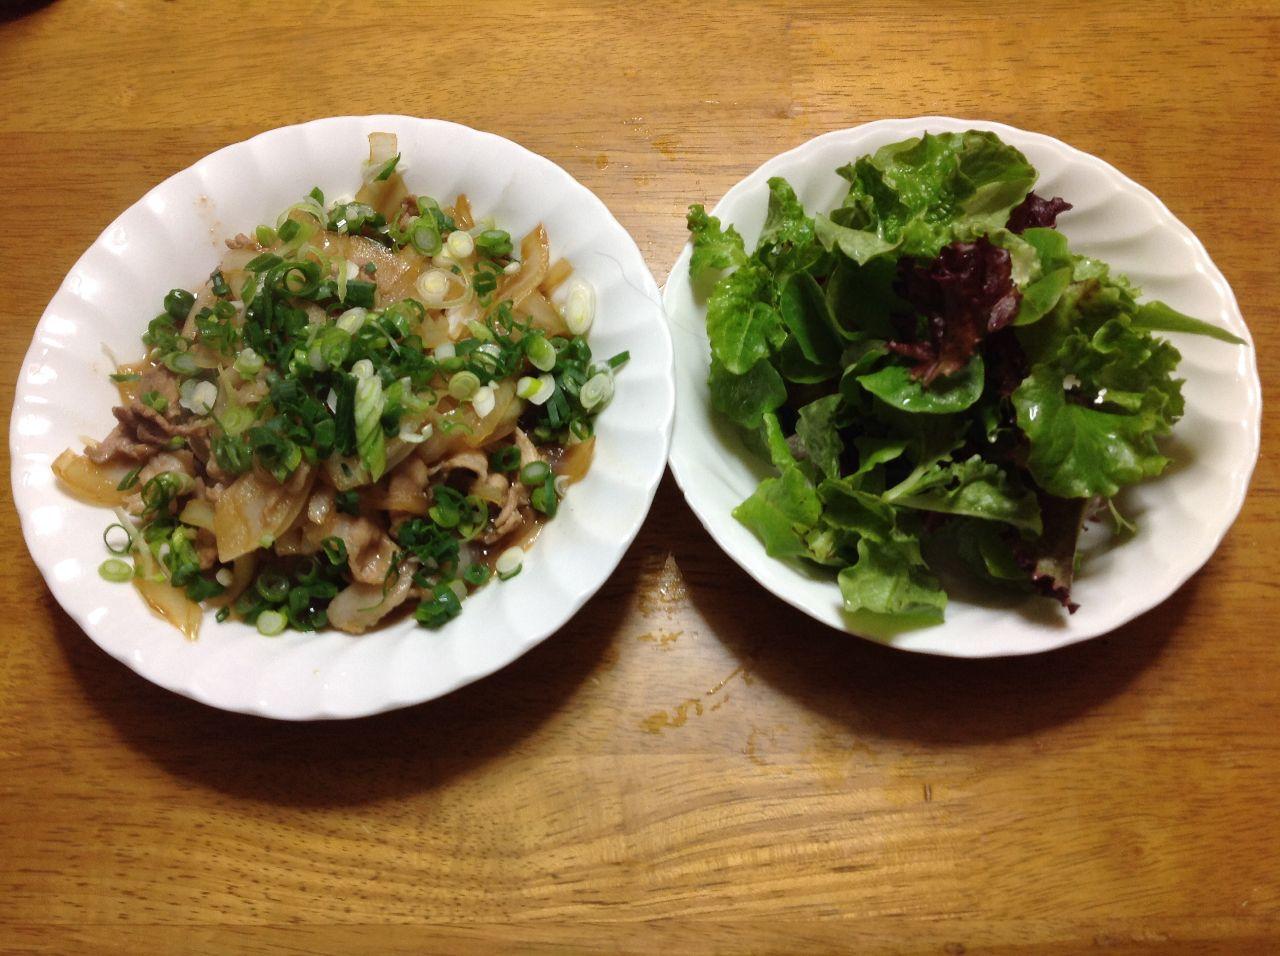 今日の晩御飯 こんばんは 晩御飯 豚肉の生姜焼き 玉ねぎたっぷり入れ  万能ネギちらしまし 霜で弱った リーフレタ